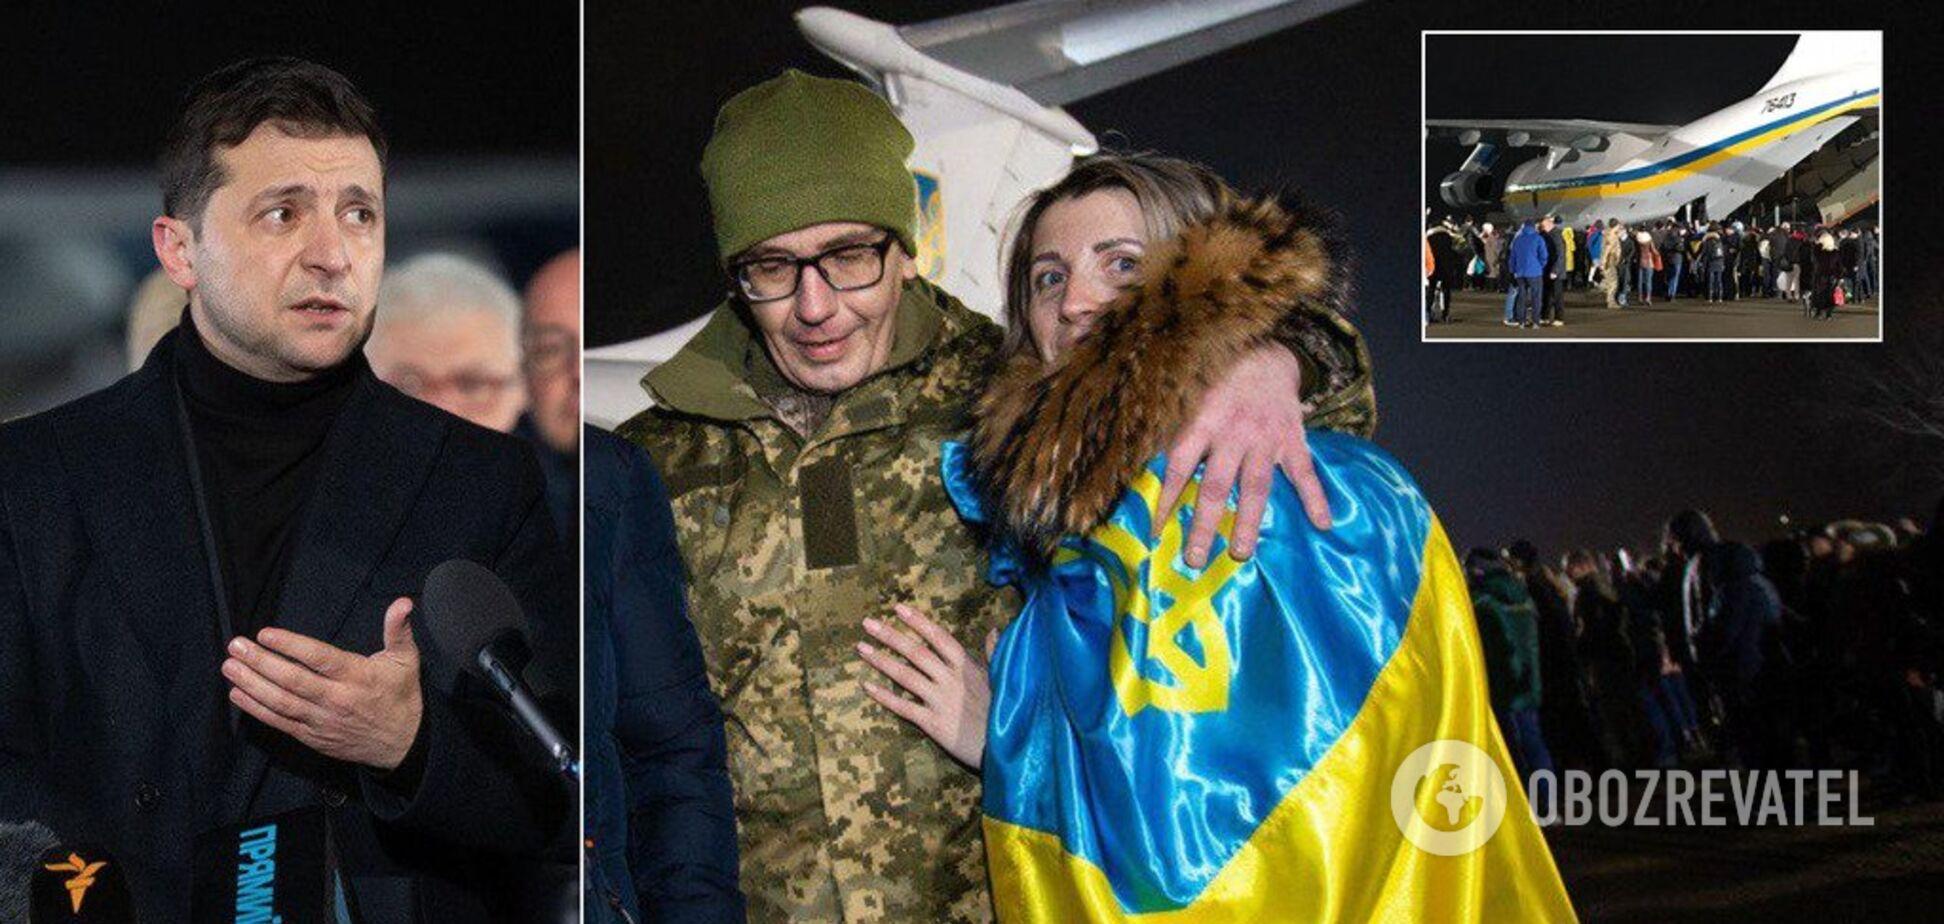 124 на 76: Україна та 'Л/ДНР' обмінялися полоненими. Всі подробиці, фото і відео